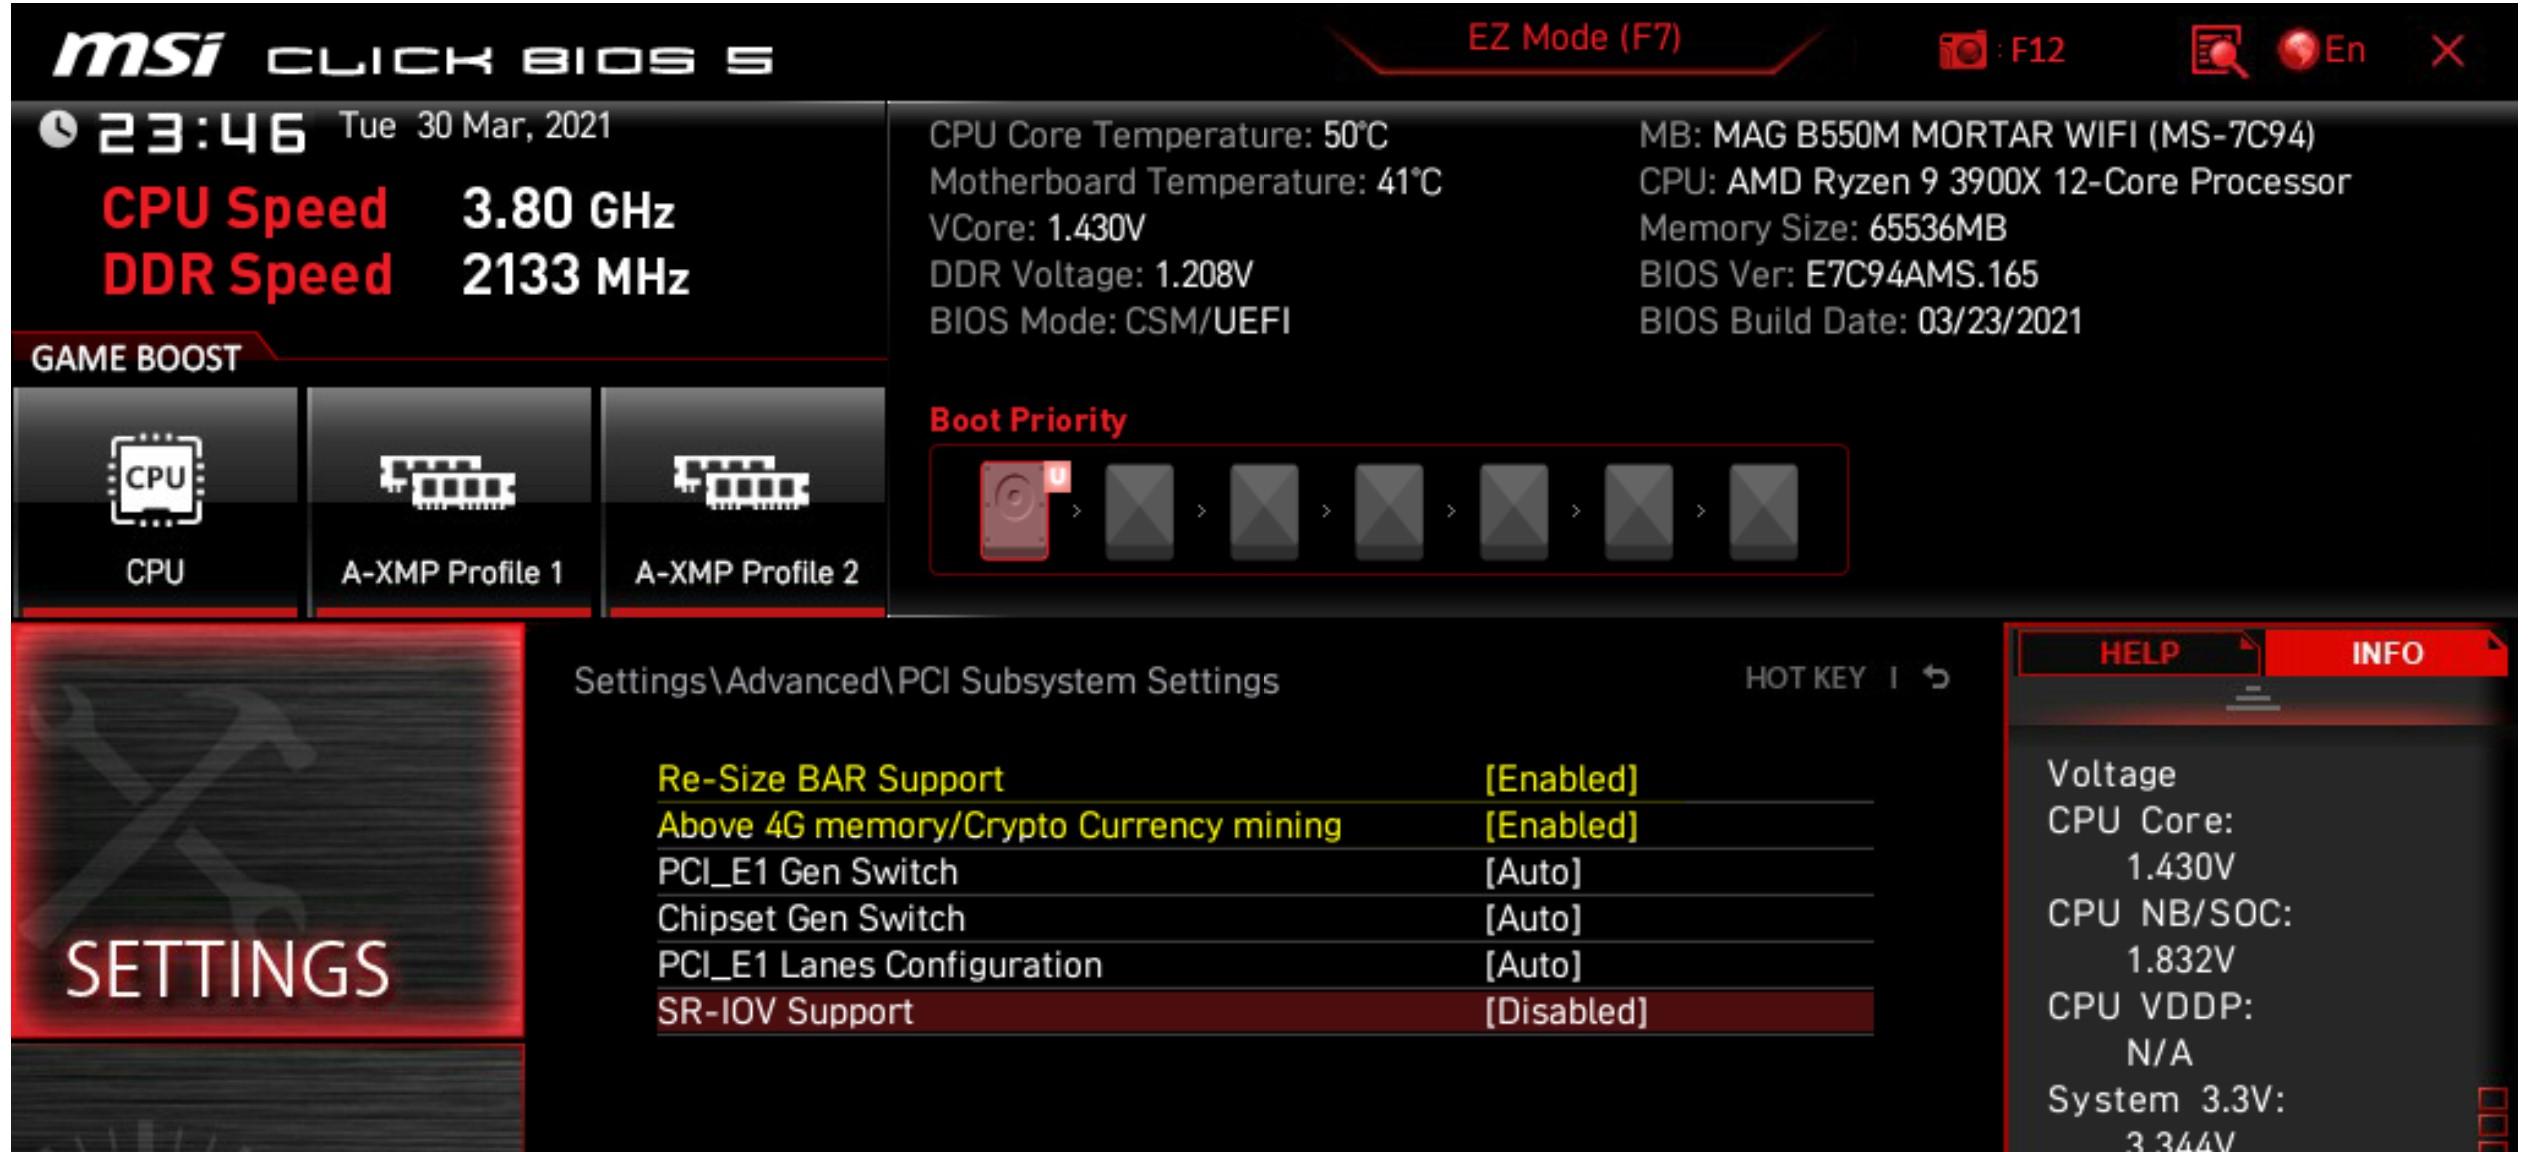 Screenshot 2021-04-02 215355.jpg